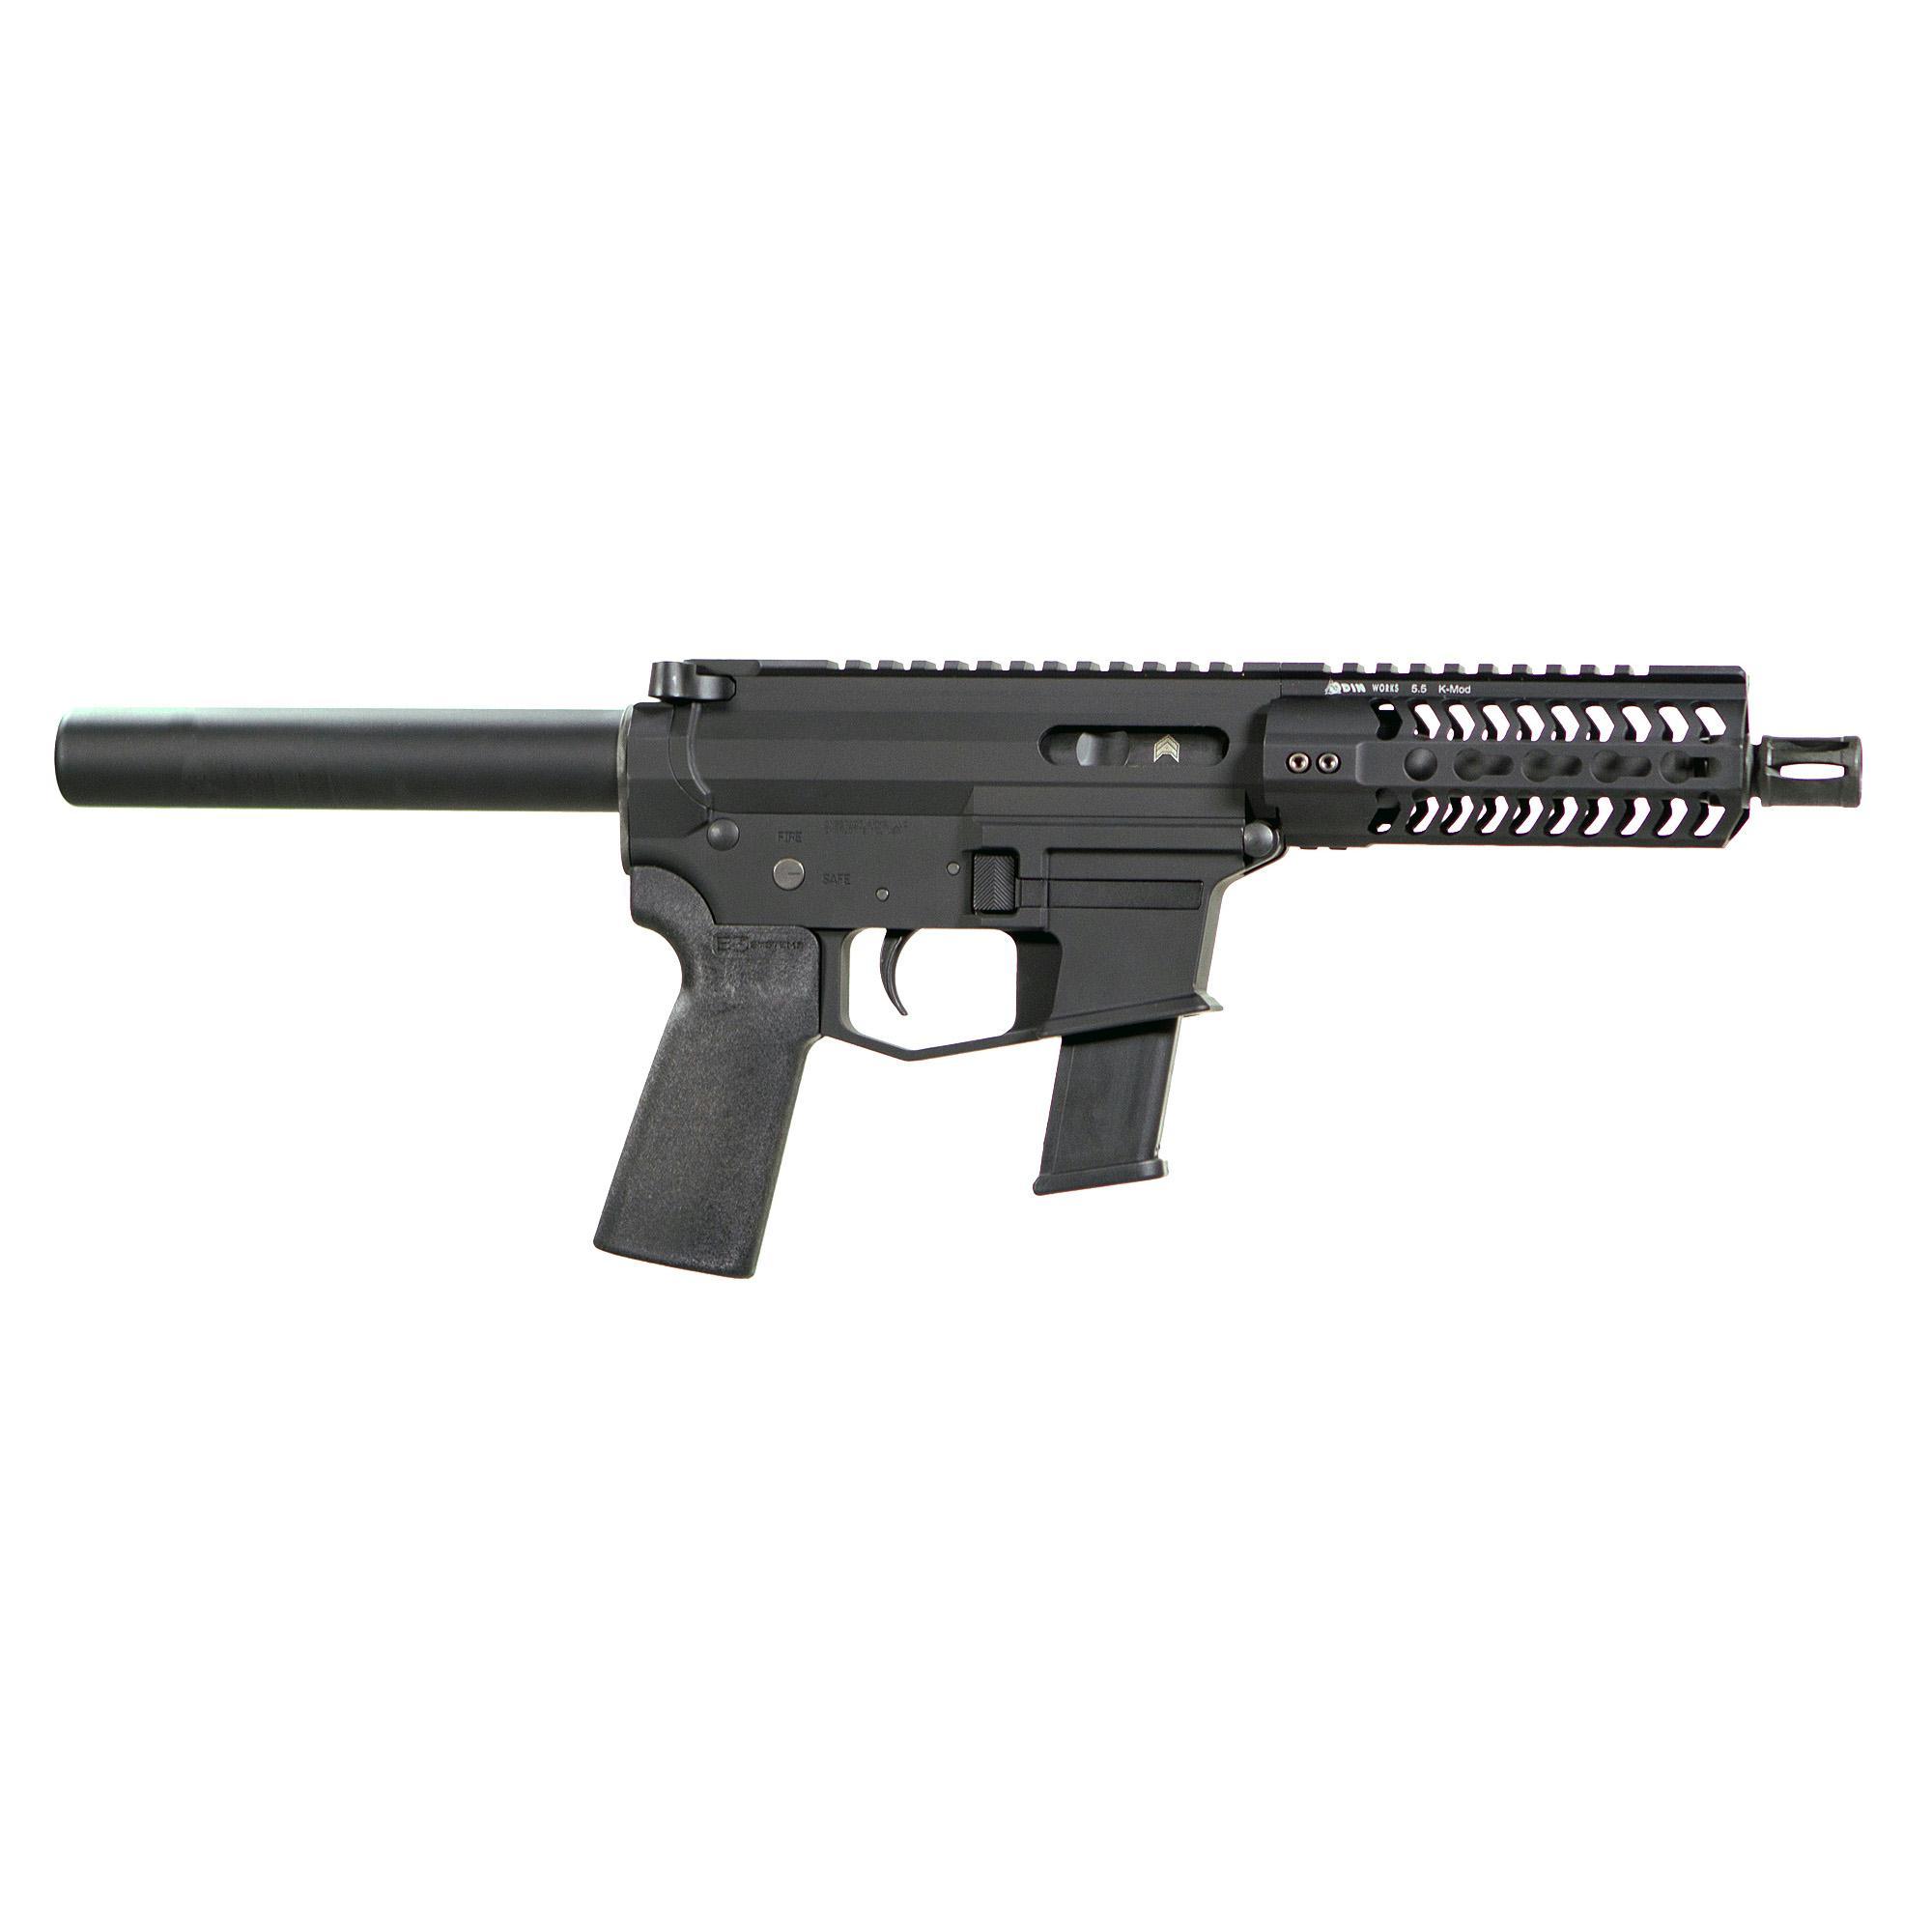 Angstadt Udp-9 Pistol 9mm 6